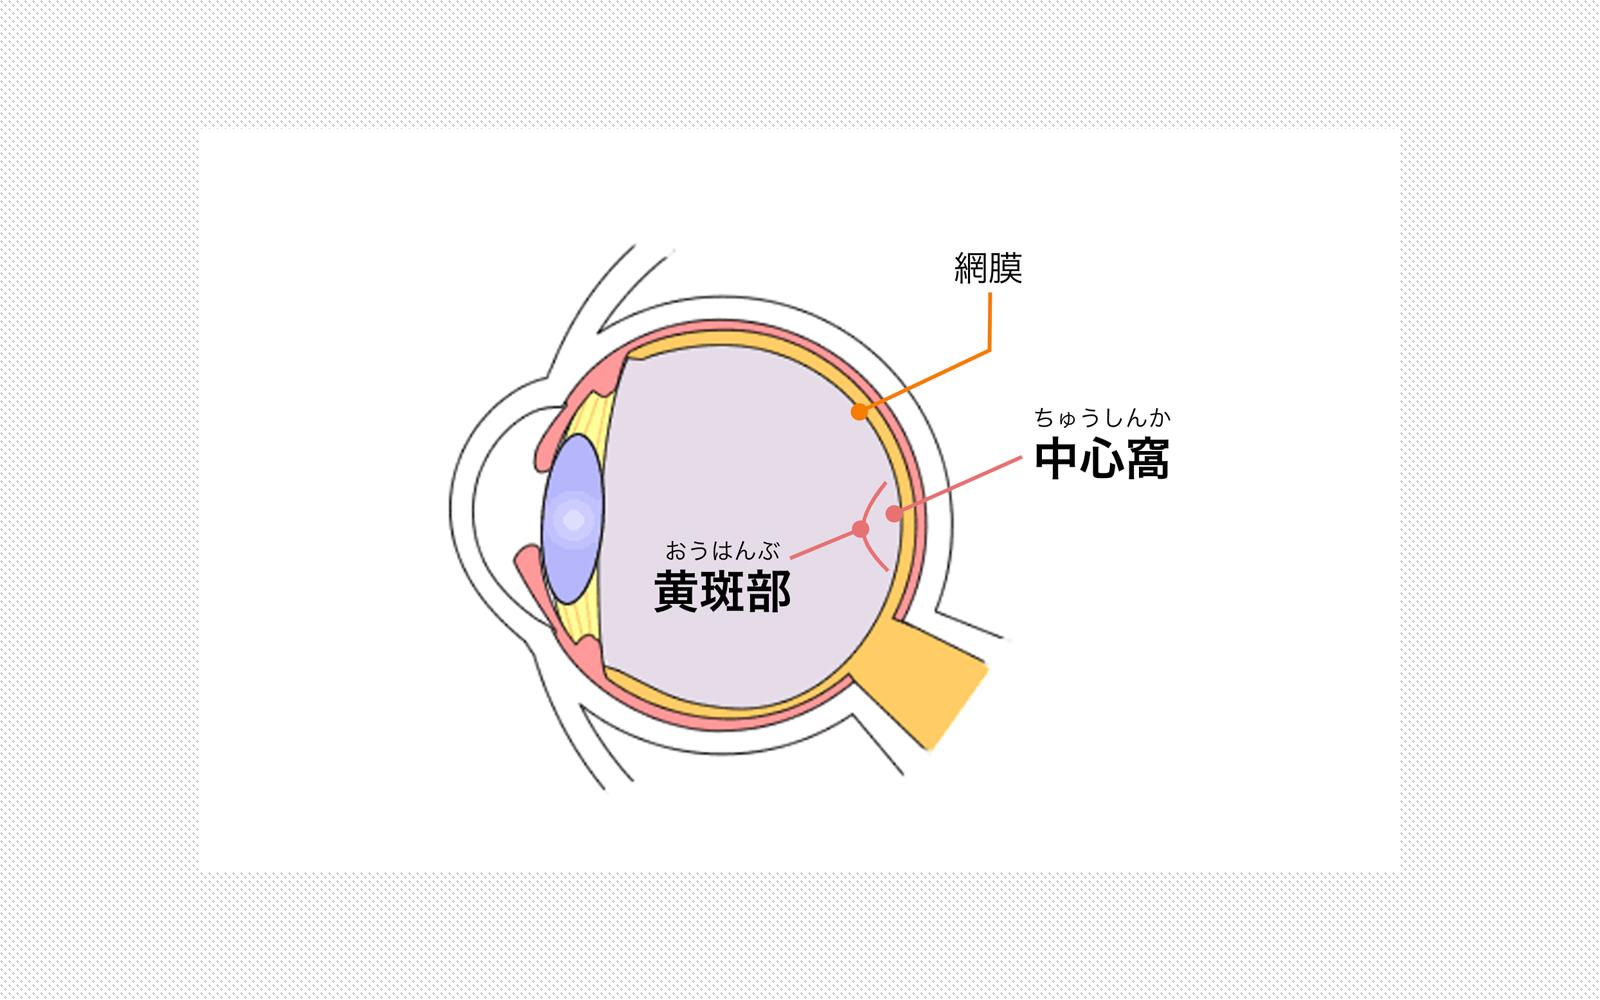 視覚生理学から考えるデザイン 中心視と周辺視